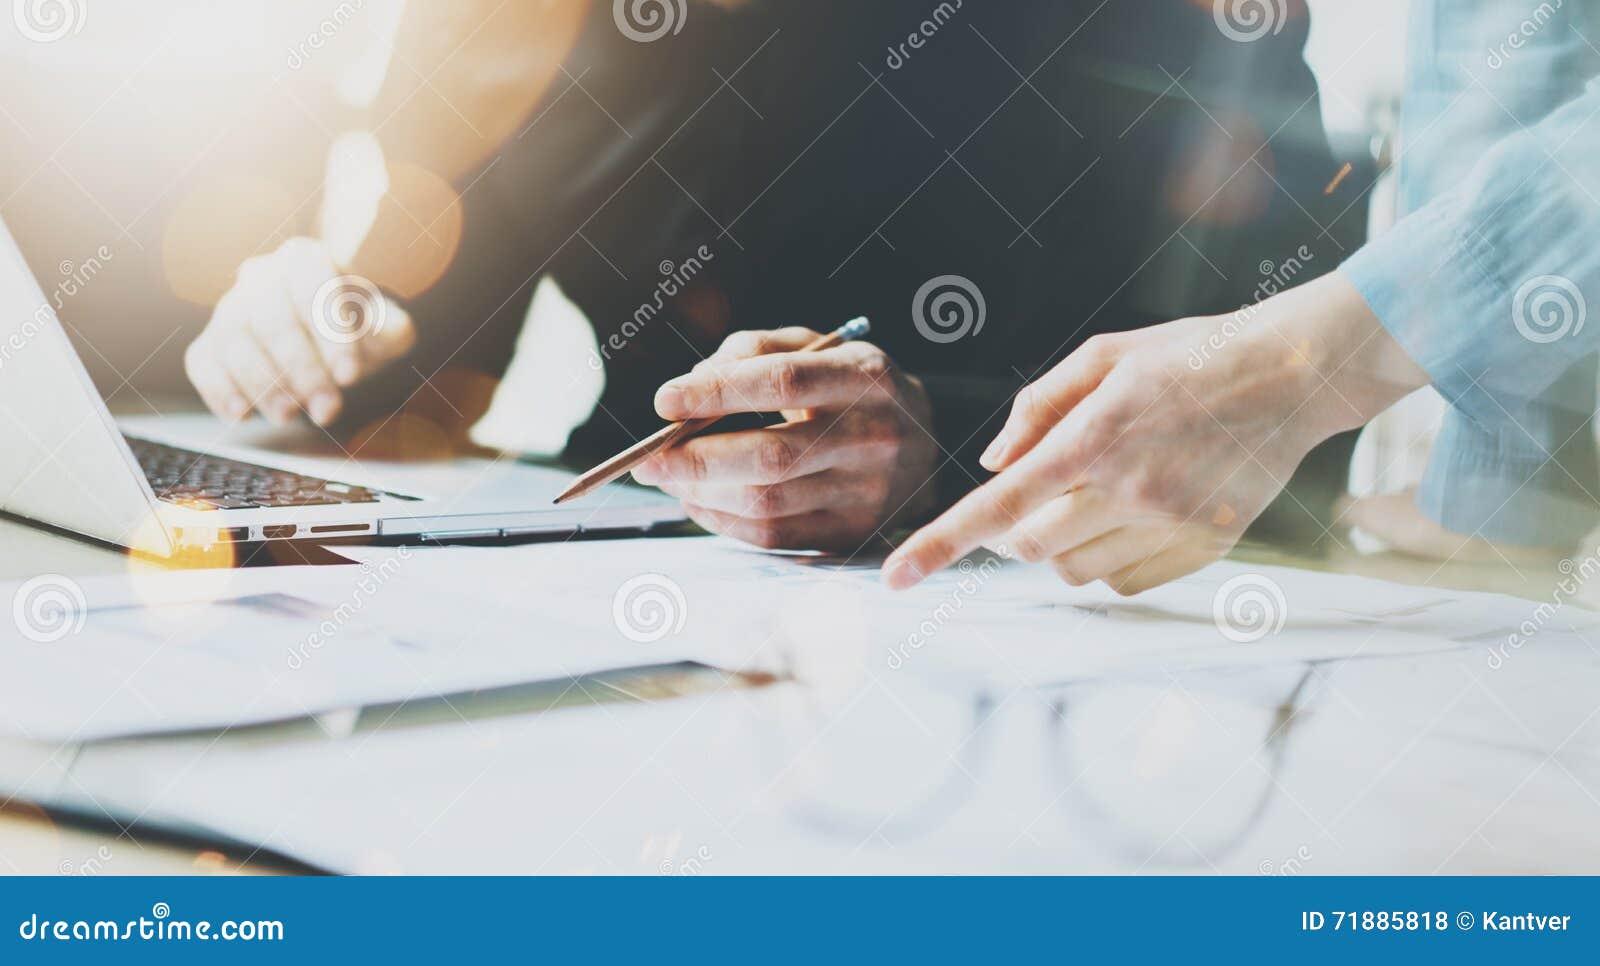 Fotomedewerkers Team Working Modern Office Mens die Generisch Ontwerplaptop Holdingspotlood gebruiken Rekeningsmanager Work New